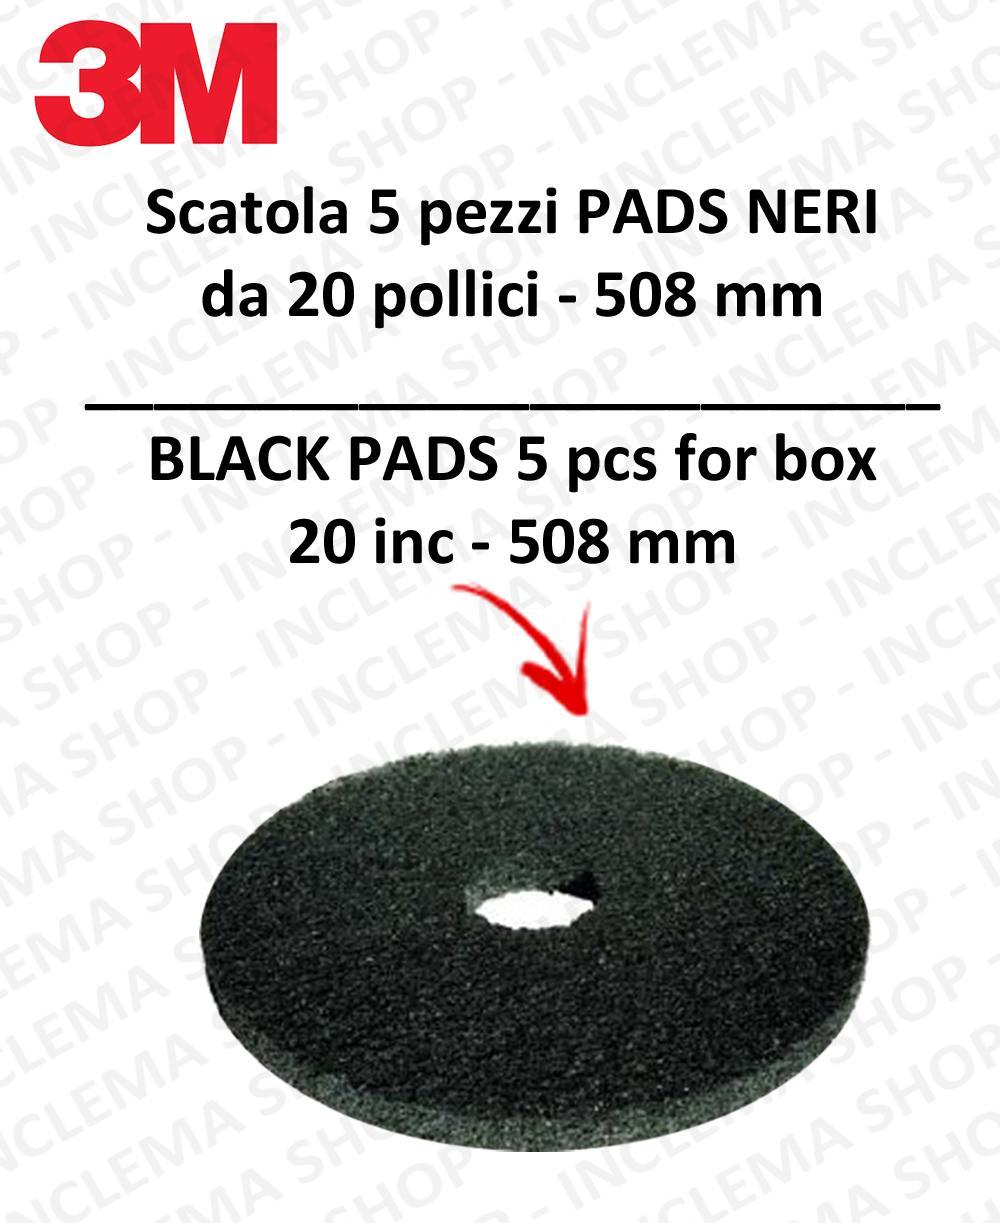 Schwarz Maschinenpads 3M 5 Stücke für Scheuersaugmaschinen und Einscheibenmaschinen 20.0 zoll 508 mm